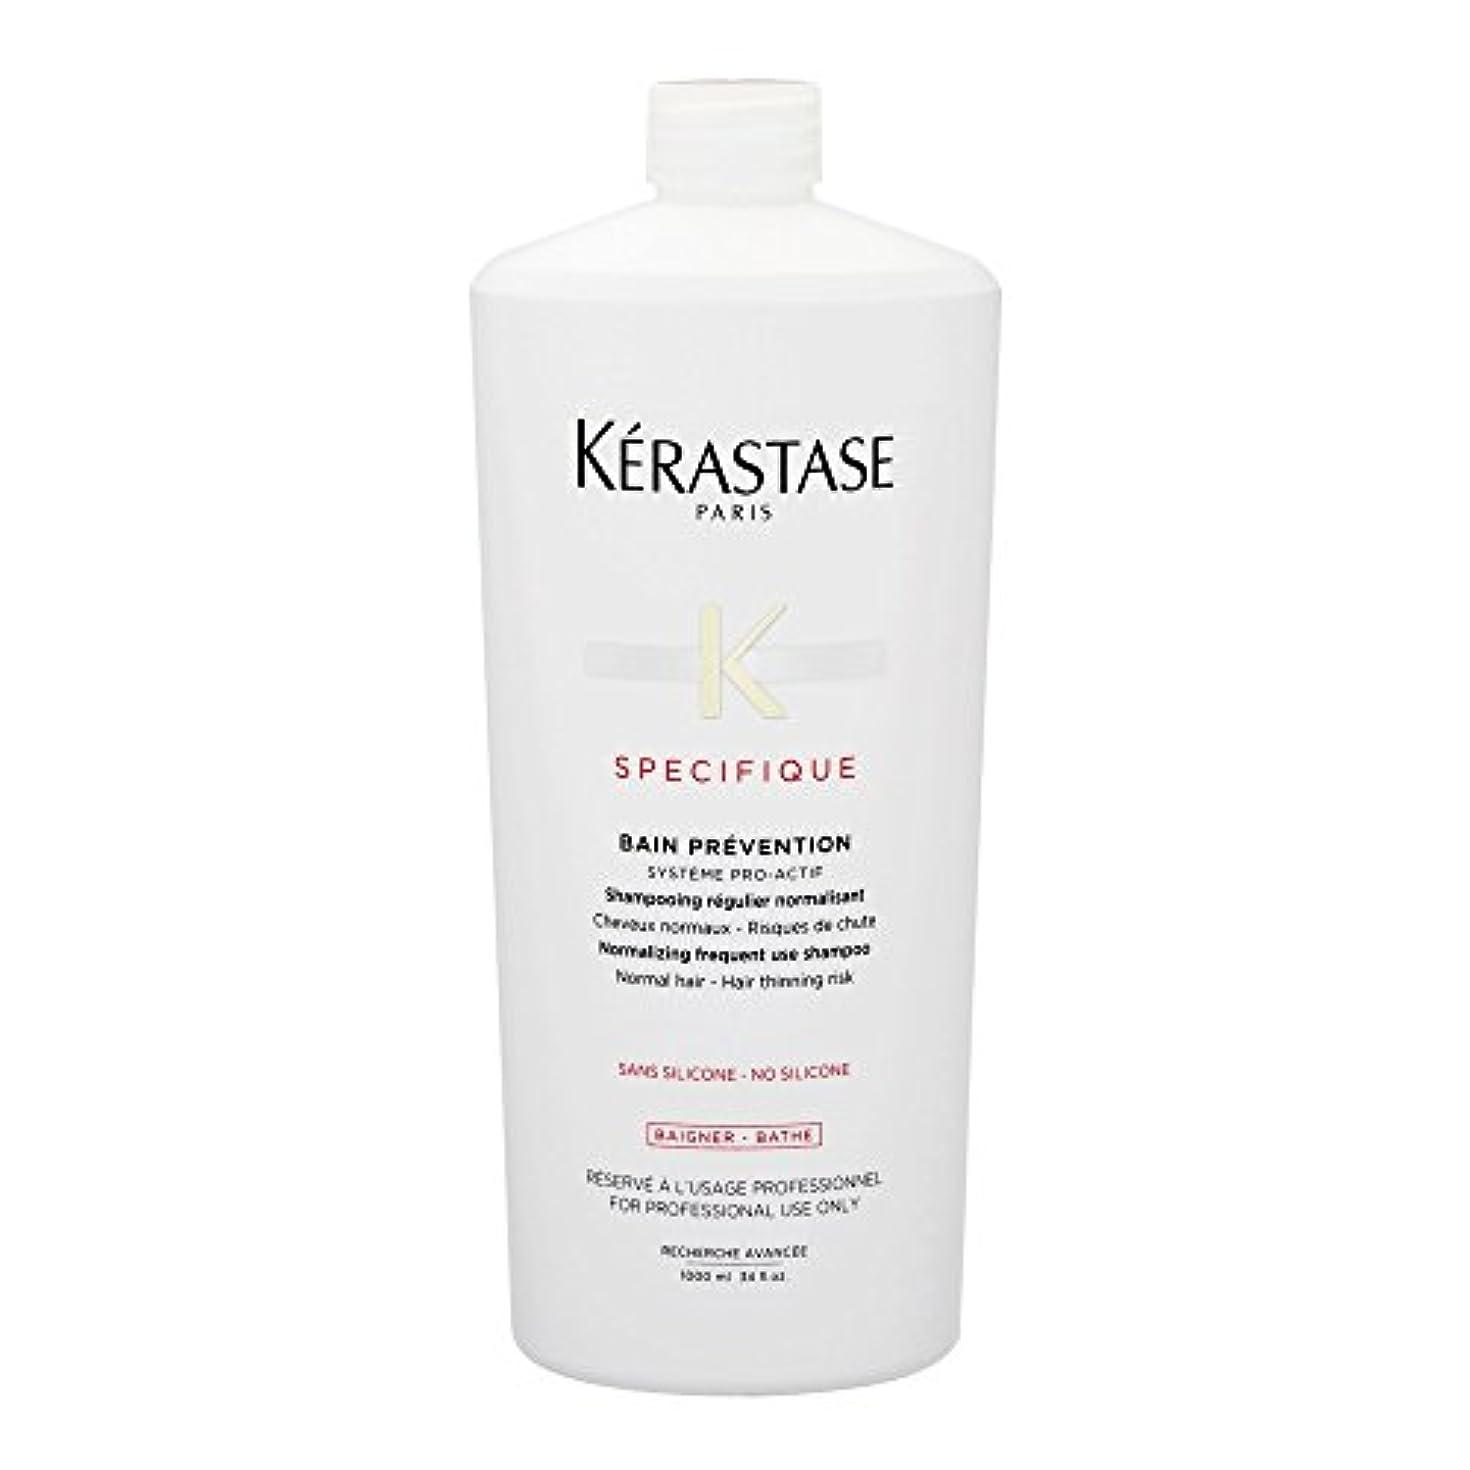 ステンレス仮定感謝しているケラスターゼ(KERASTASE) スペシフィック SP バン プレバシオン EX<ビッグサイズ> 1000ml [並行輸入品]